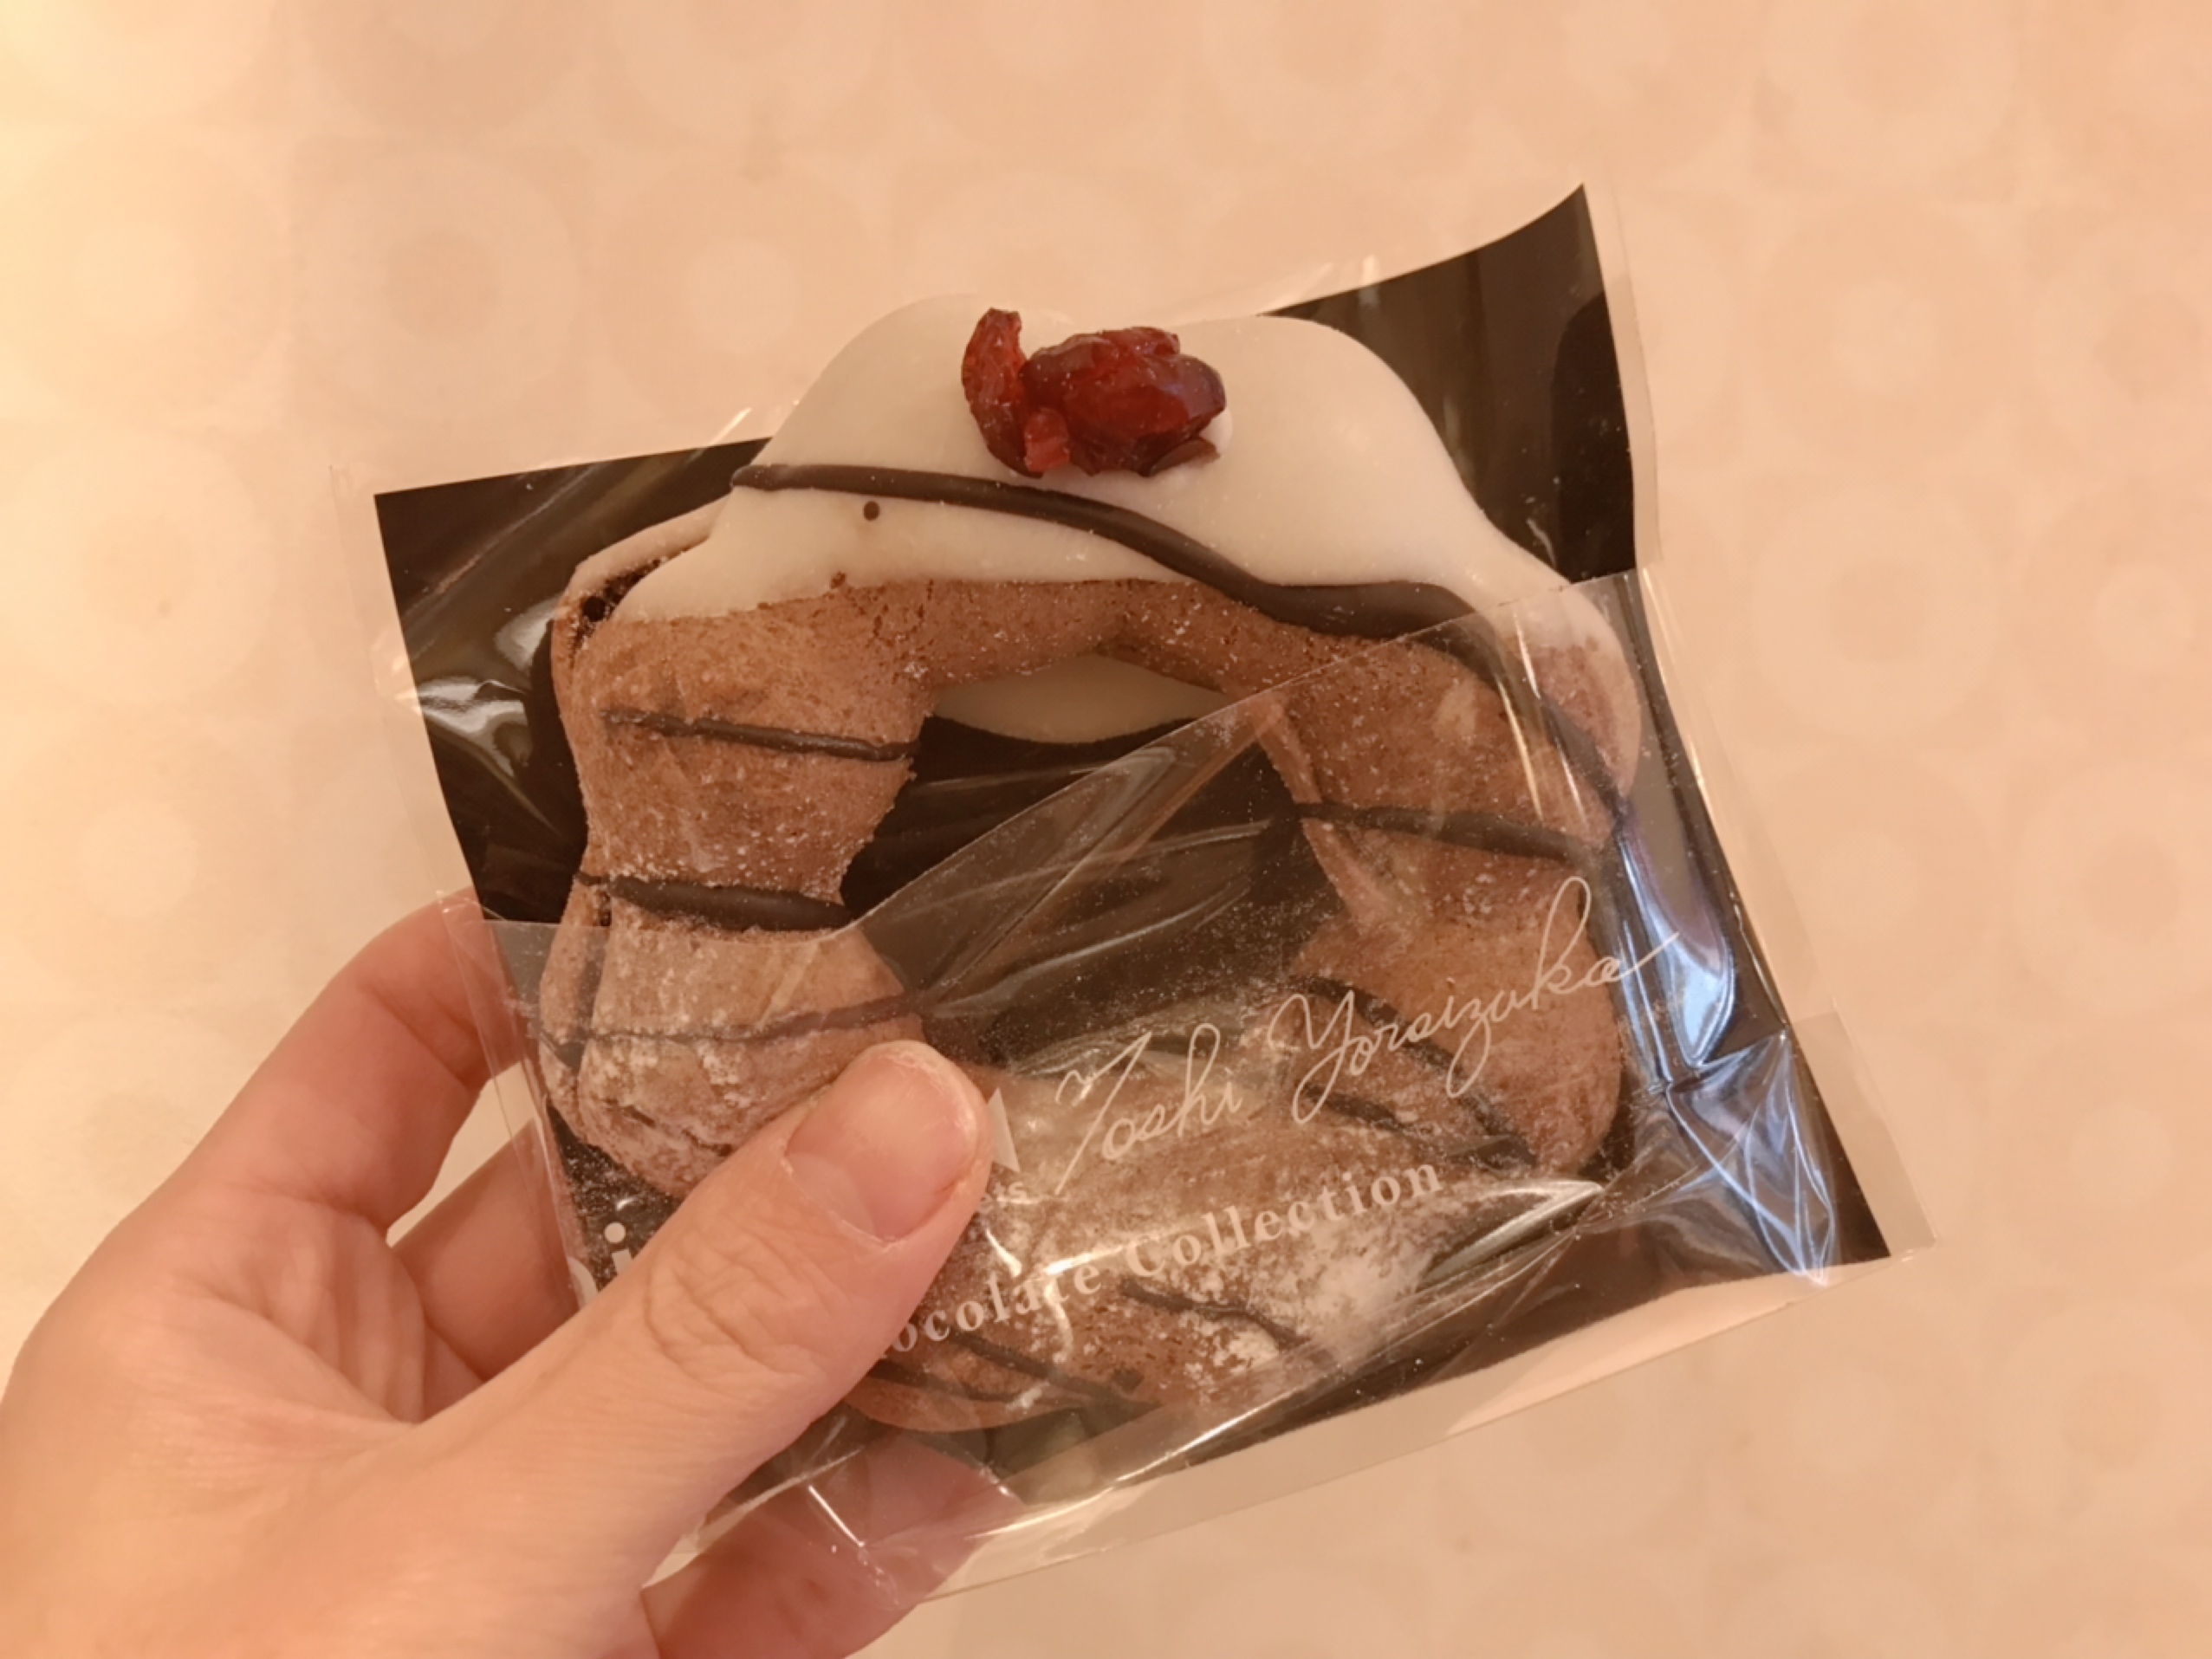 【ミスド】ヨロイヅカシェフとのコラボ新商品